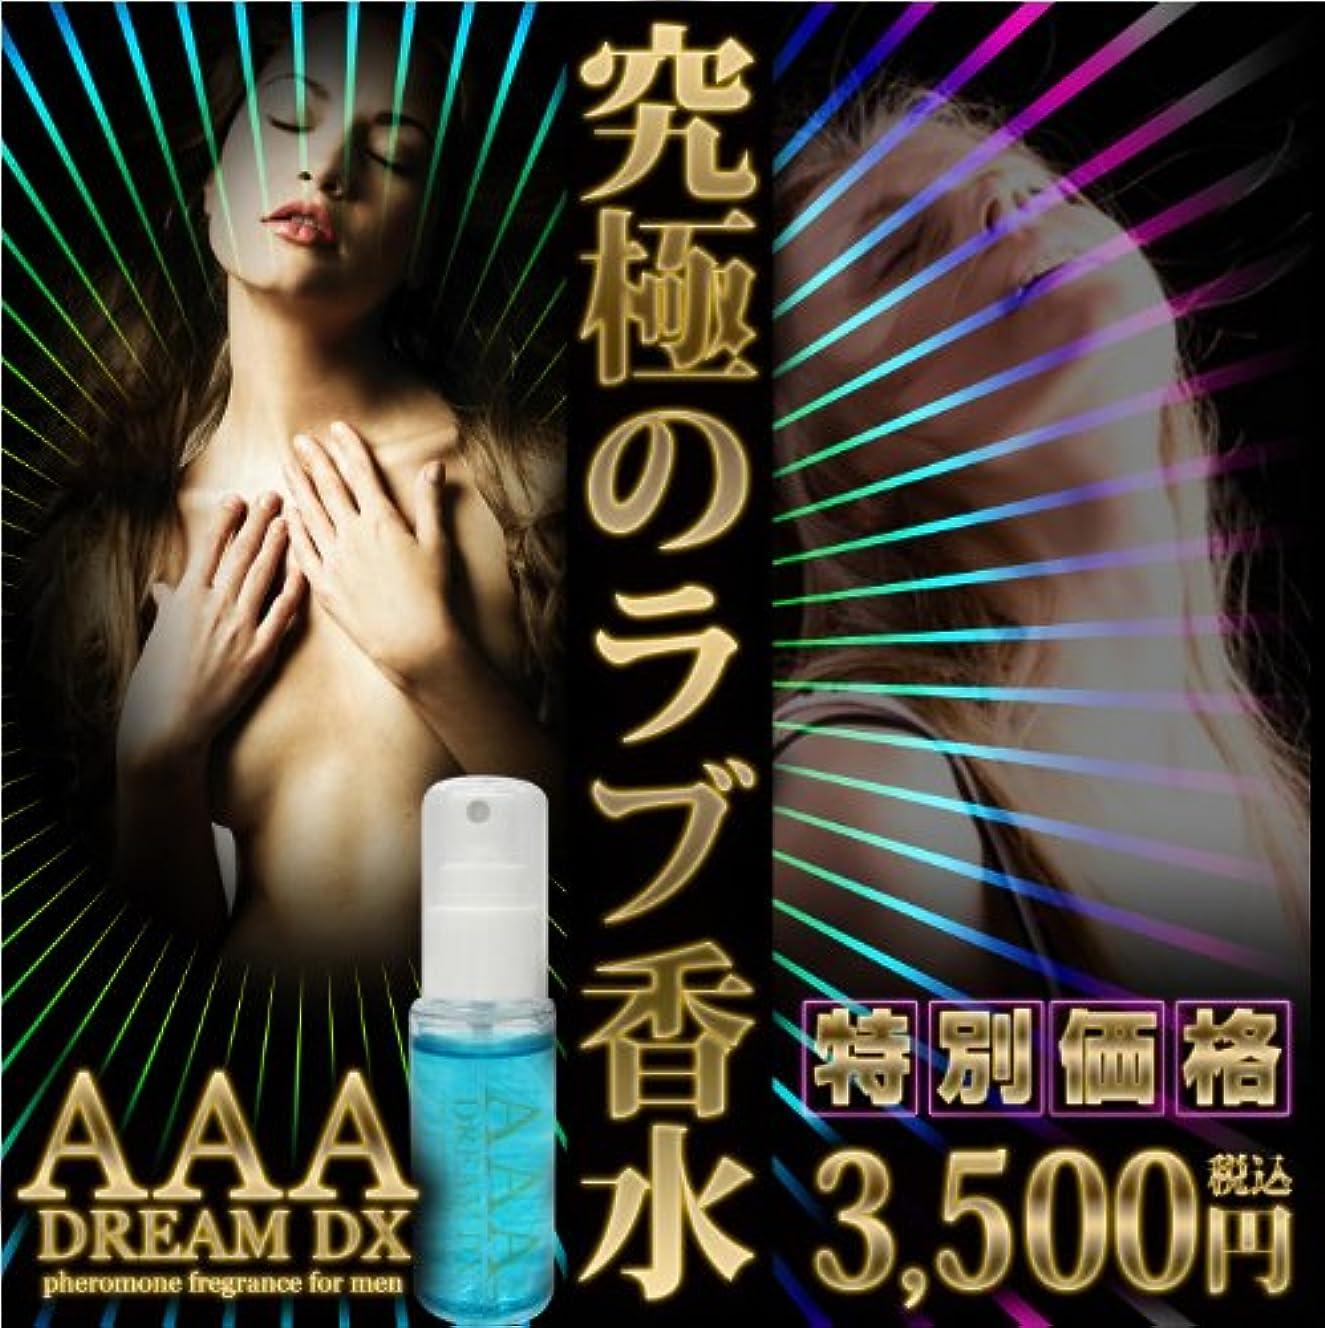 チューブミシン目レンズAAA DreamDX エーエーエードリームデラックス(消臭成分配合男性用フェロモン香水)